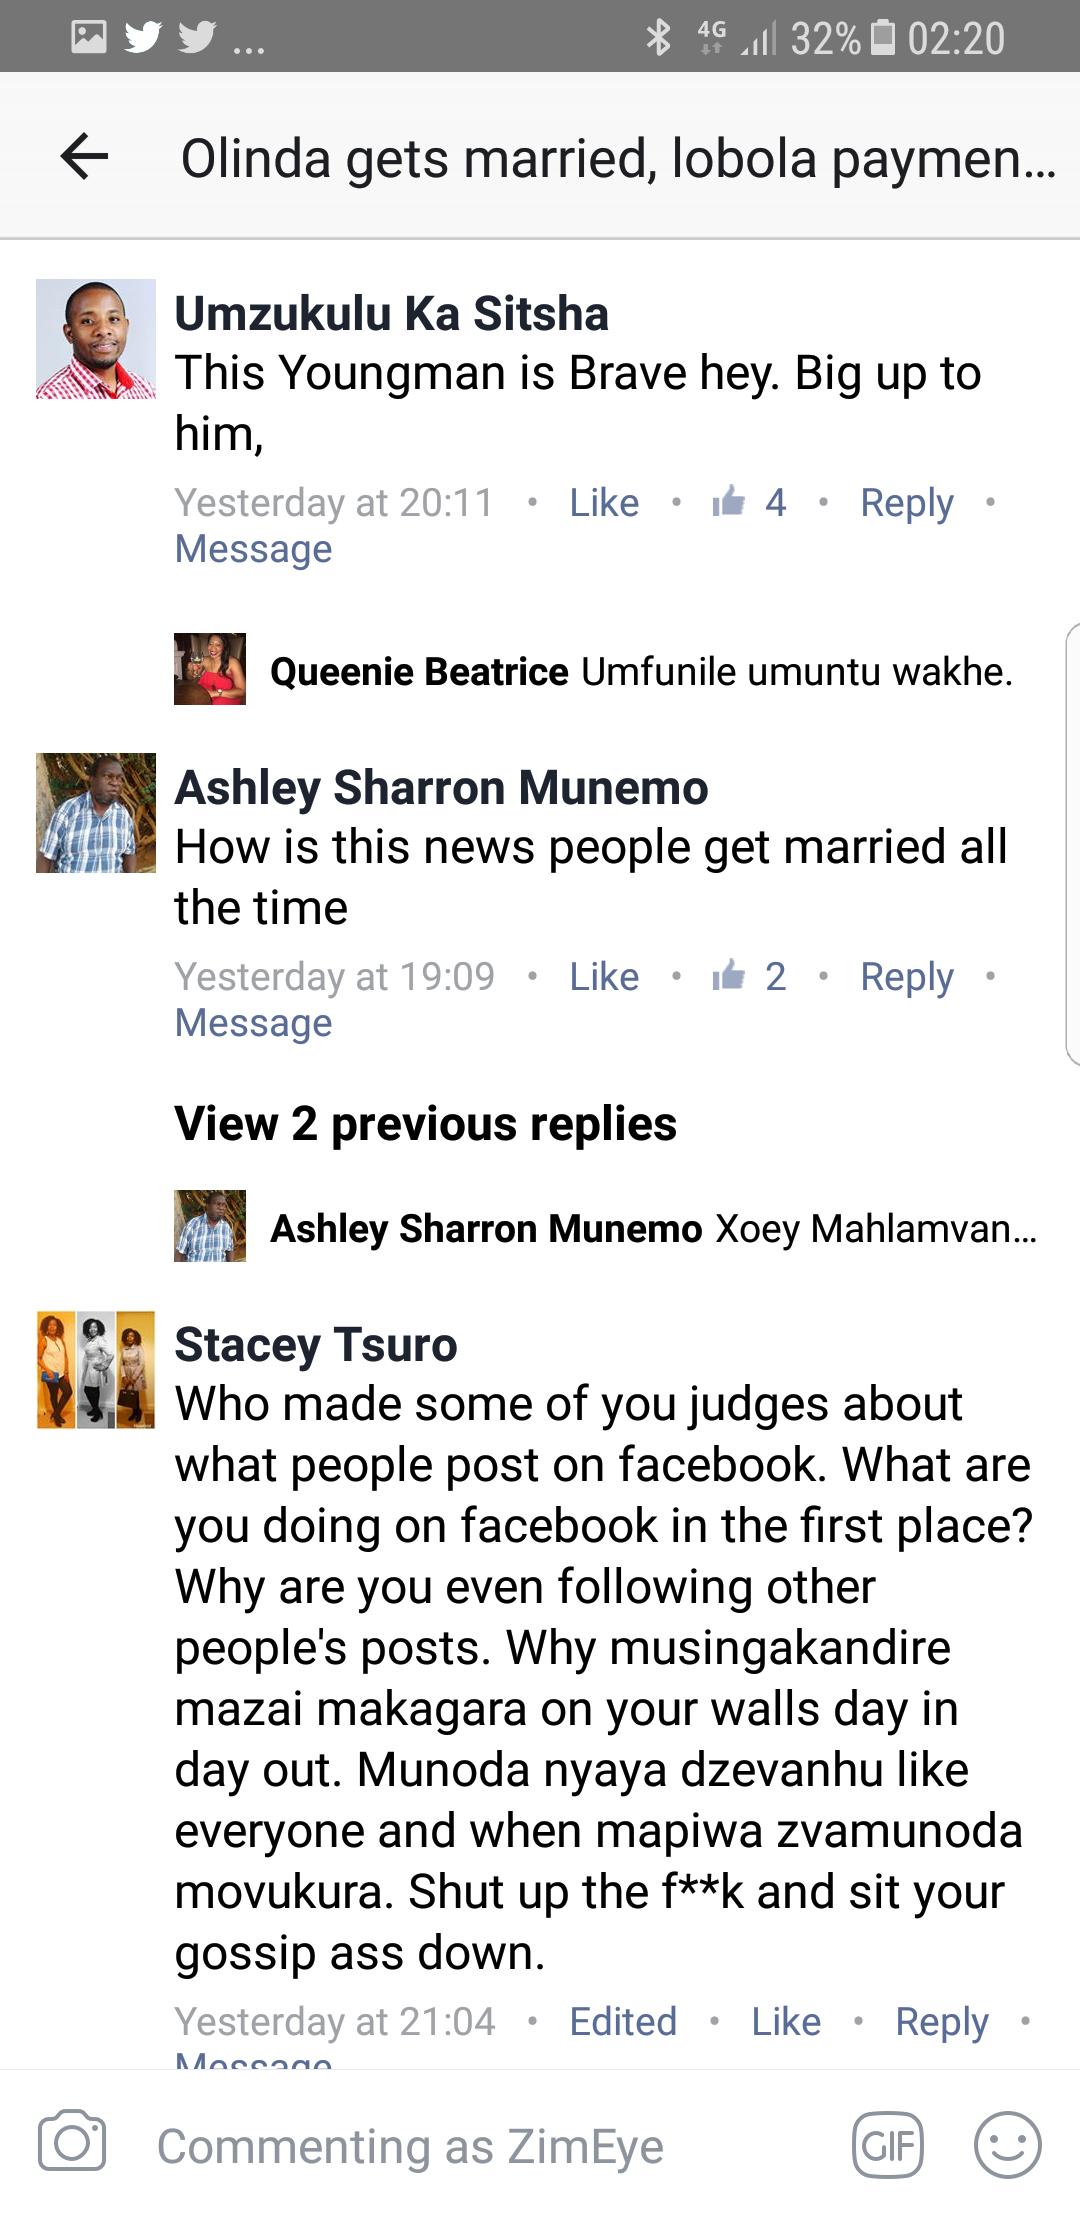 gifta kvinnor som vuxen uppkopplad dejting app boden